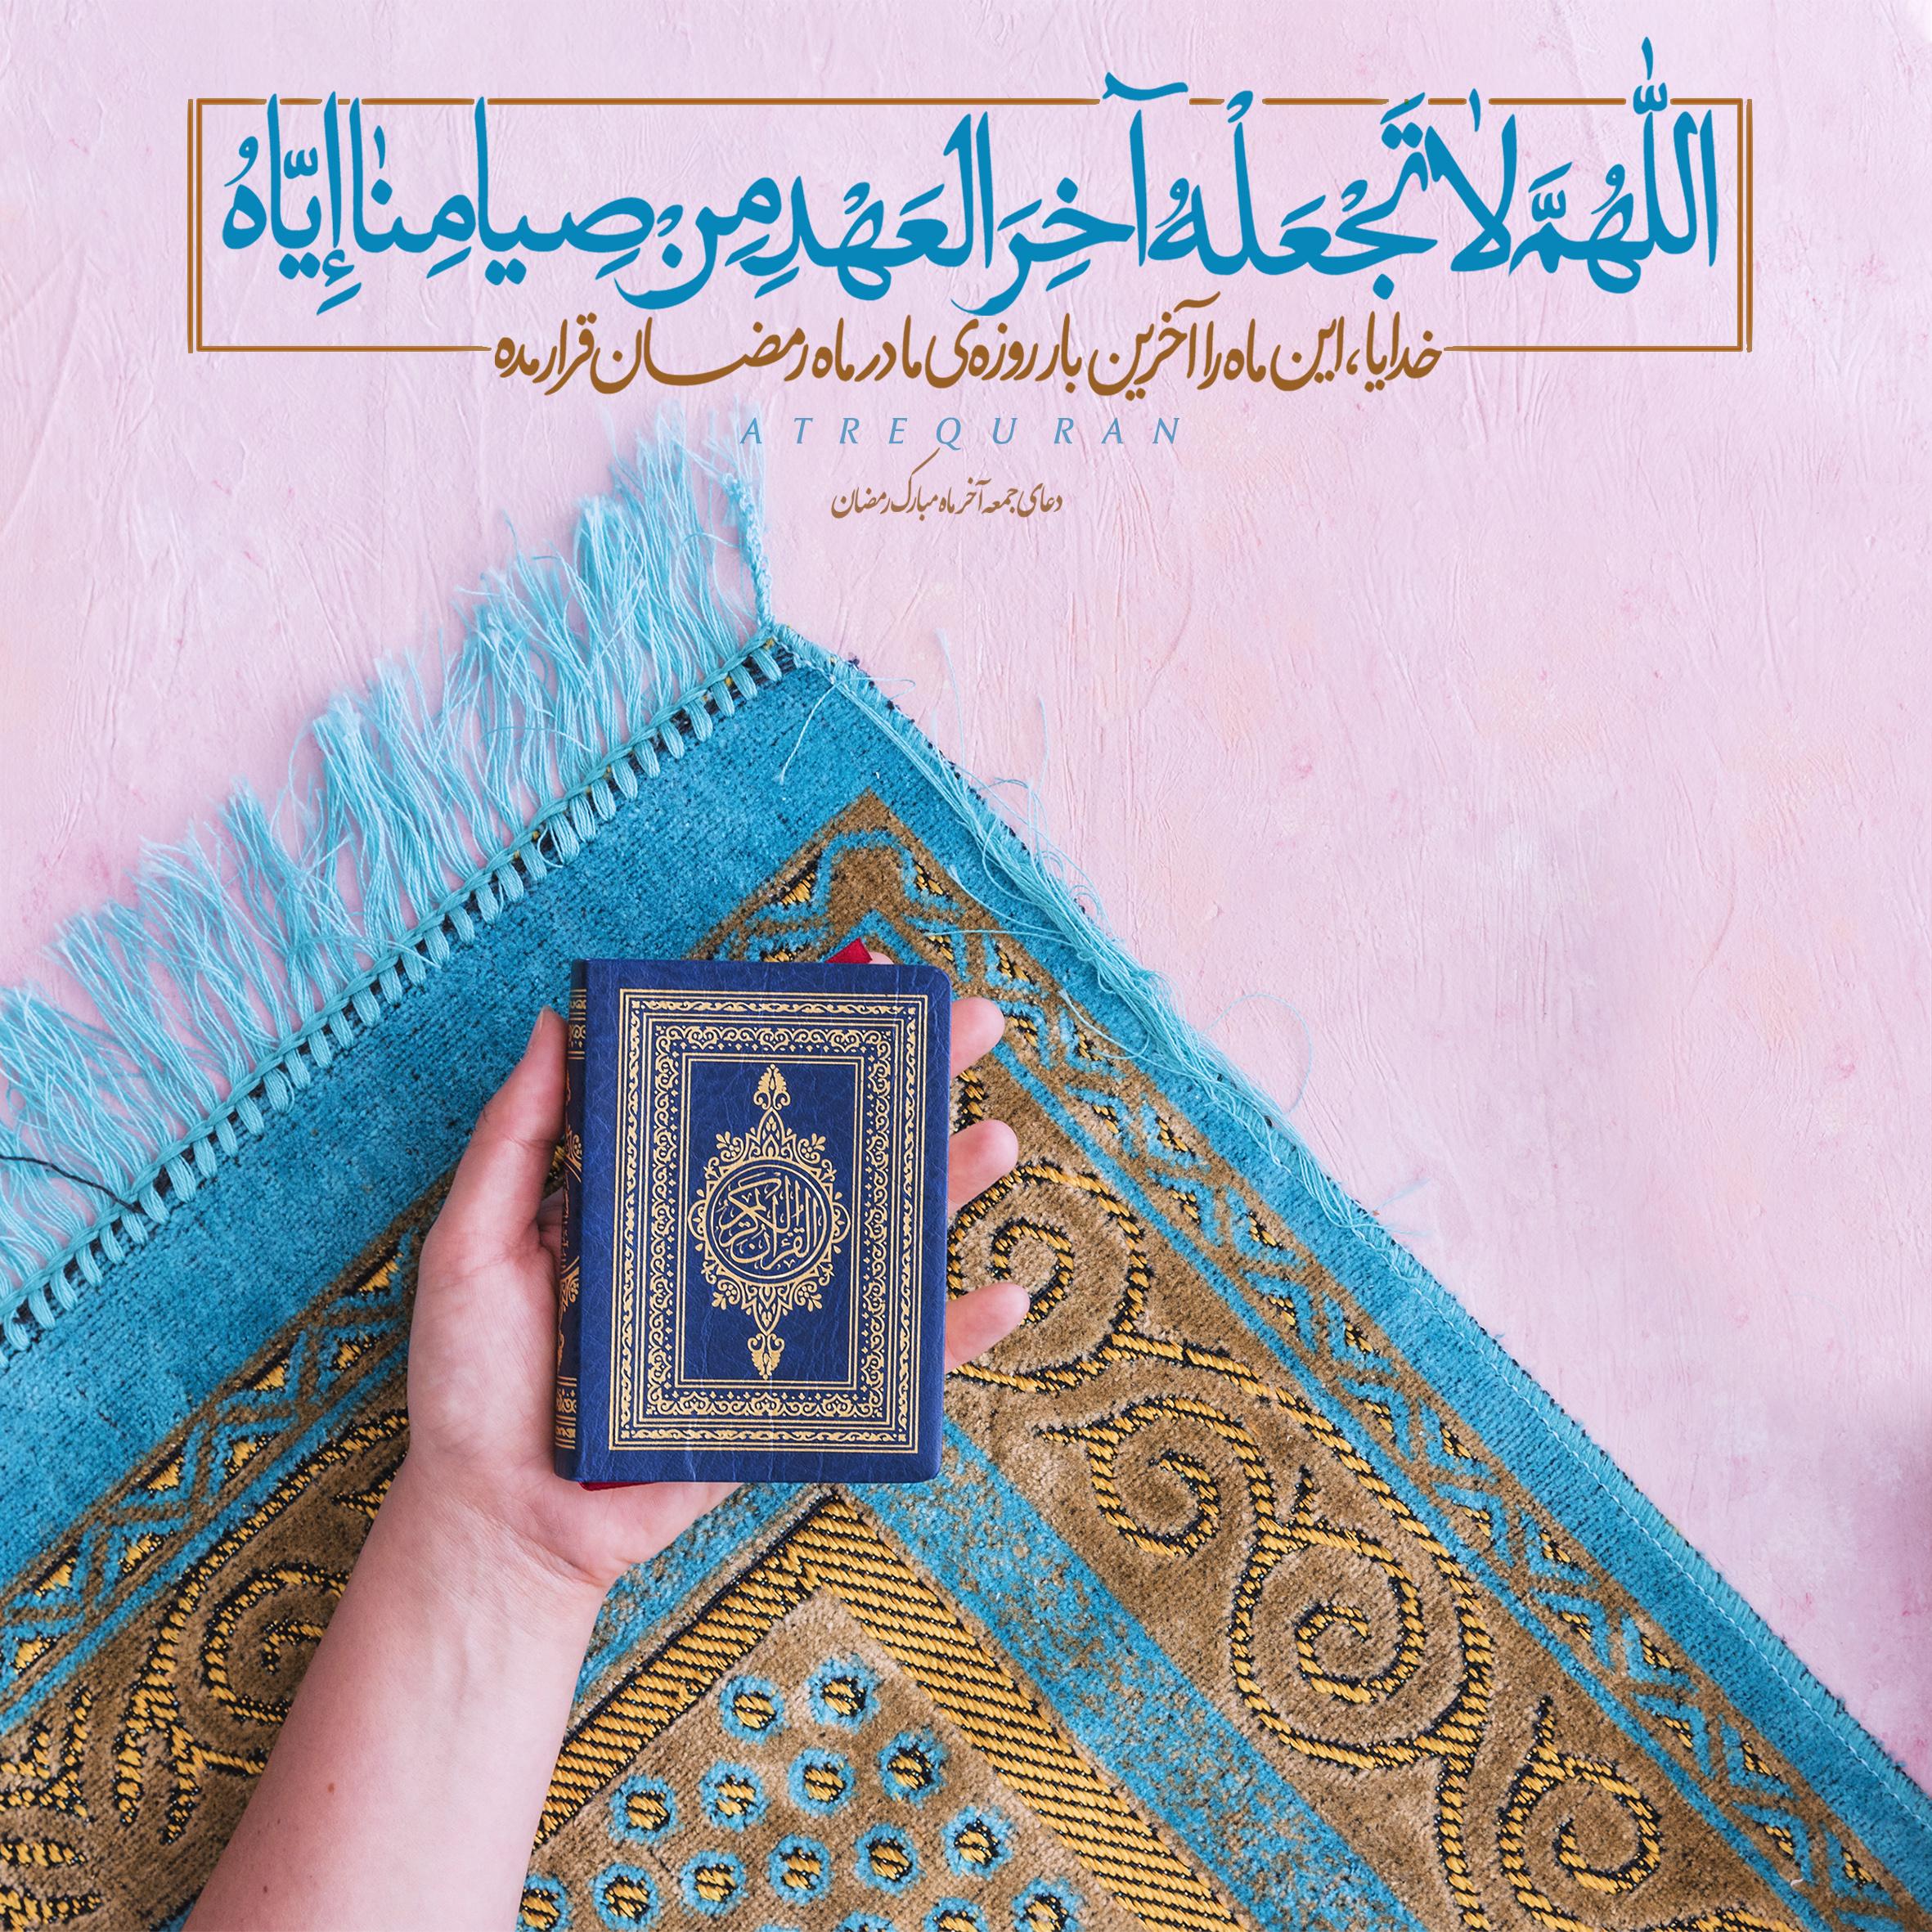 دعای جمعه آخر ماه مبارک رمضان